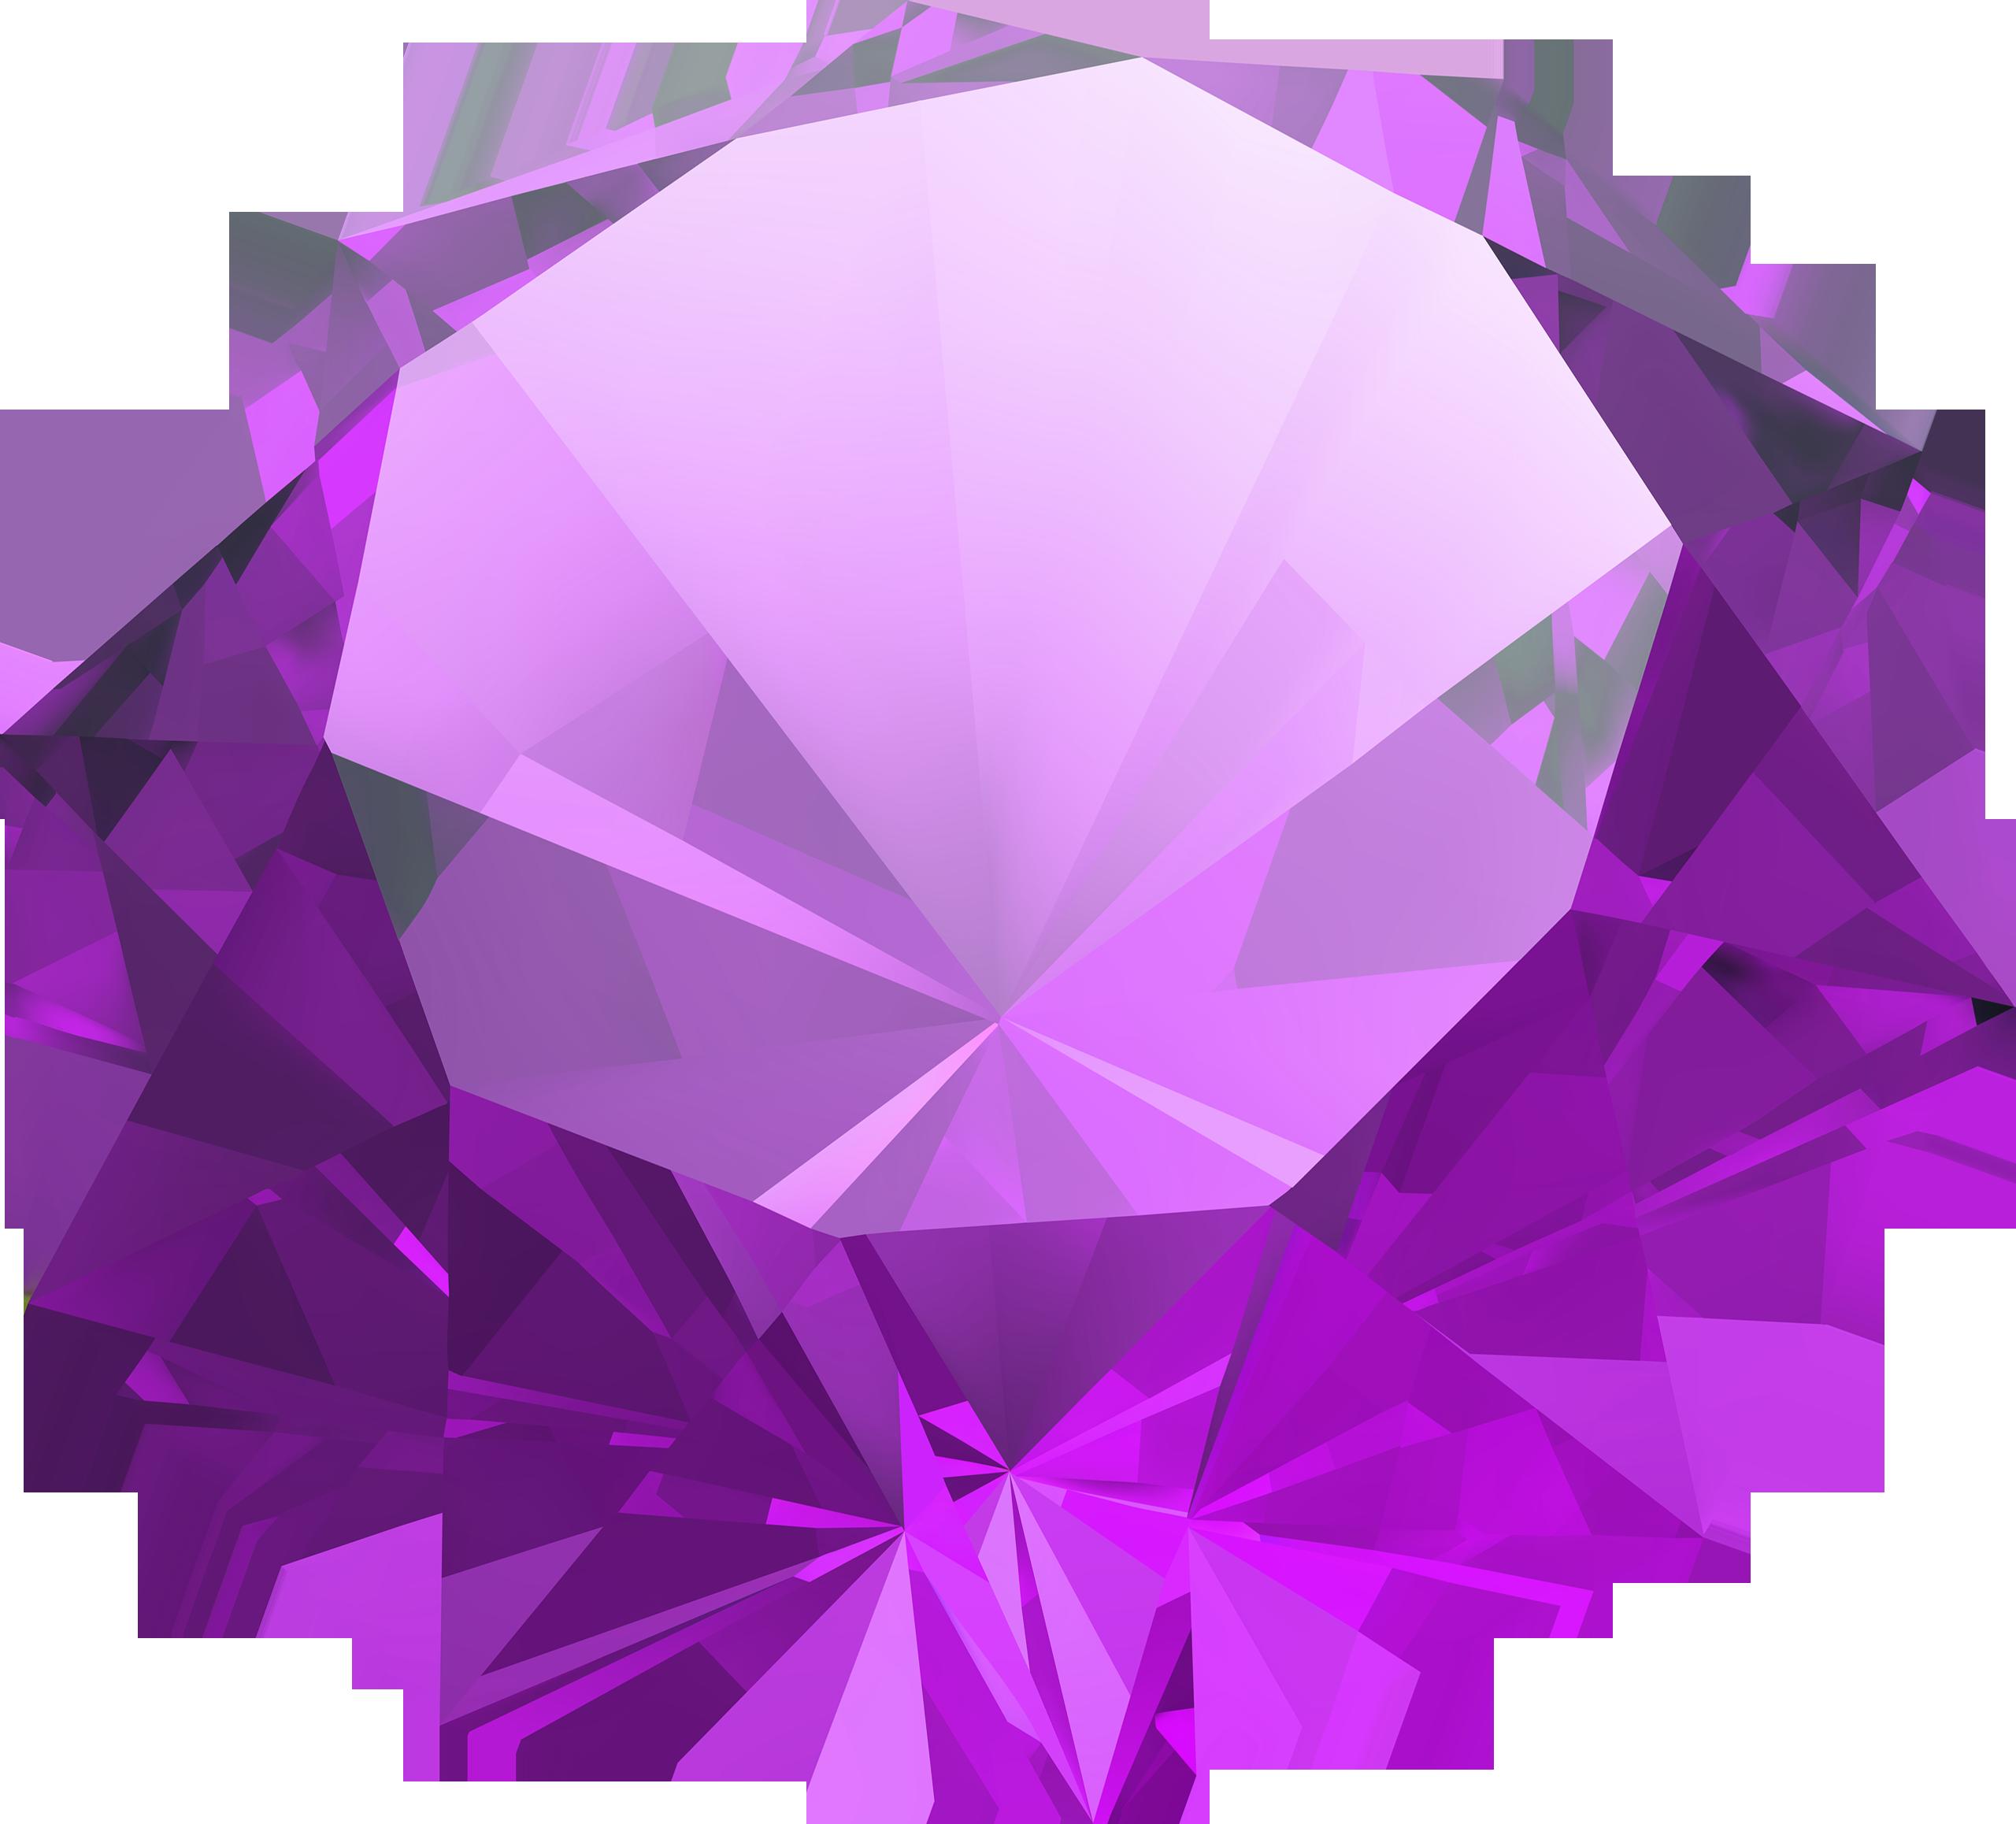 реакции цвет алмаз картинка городе живут